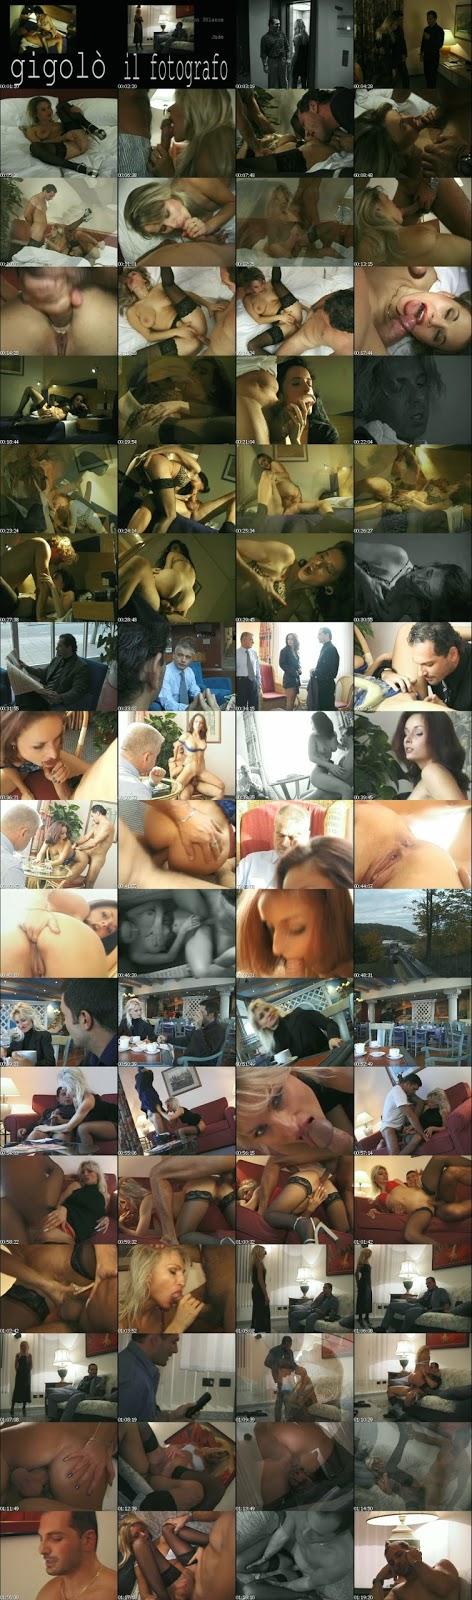 Andrea nobili in sessuali scena 7